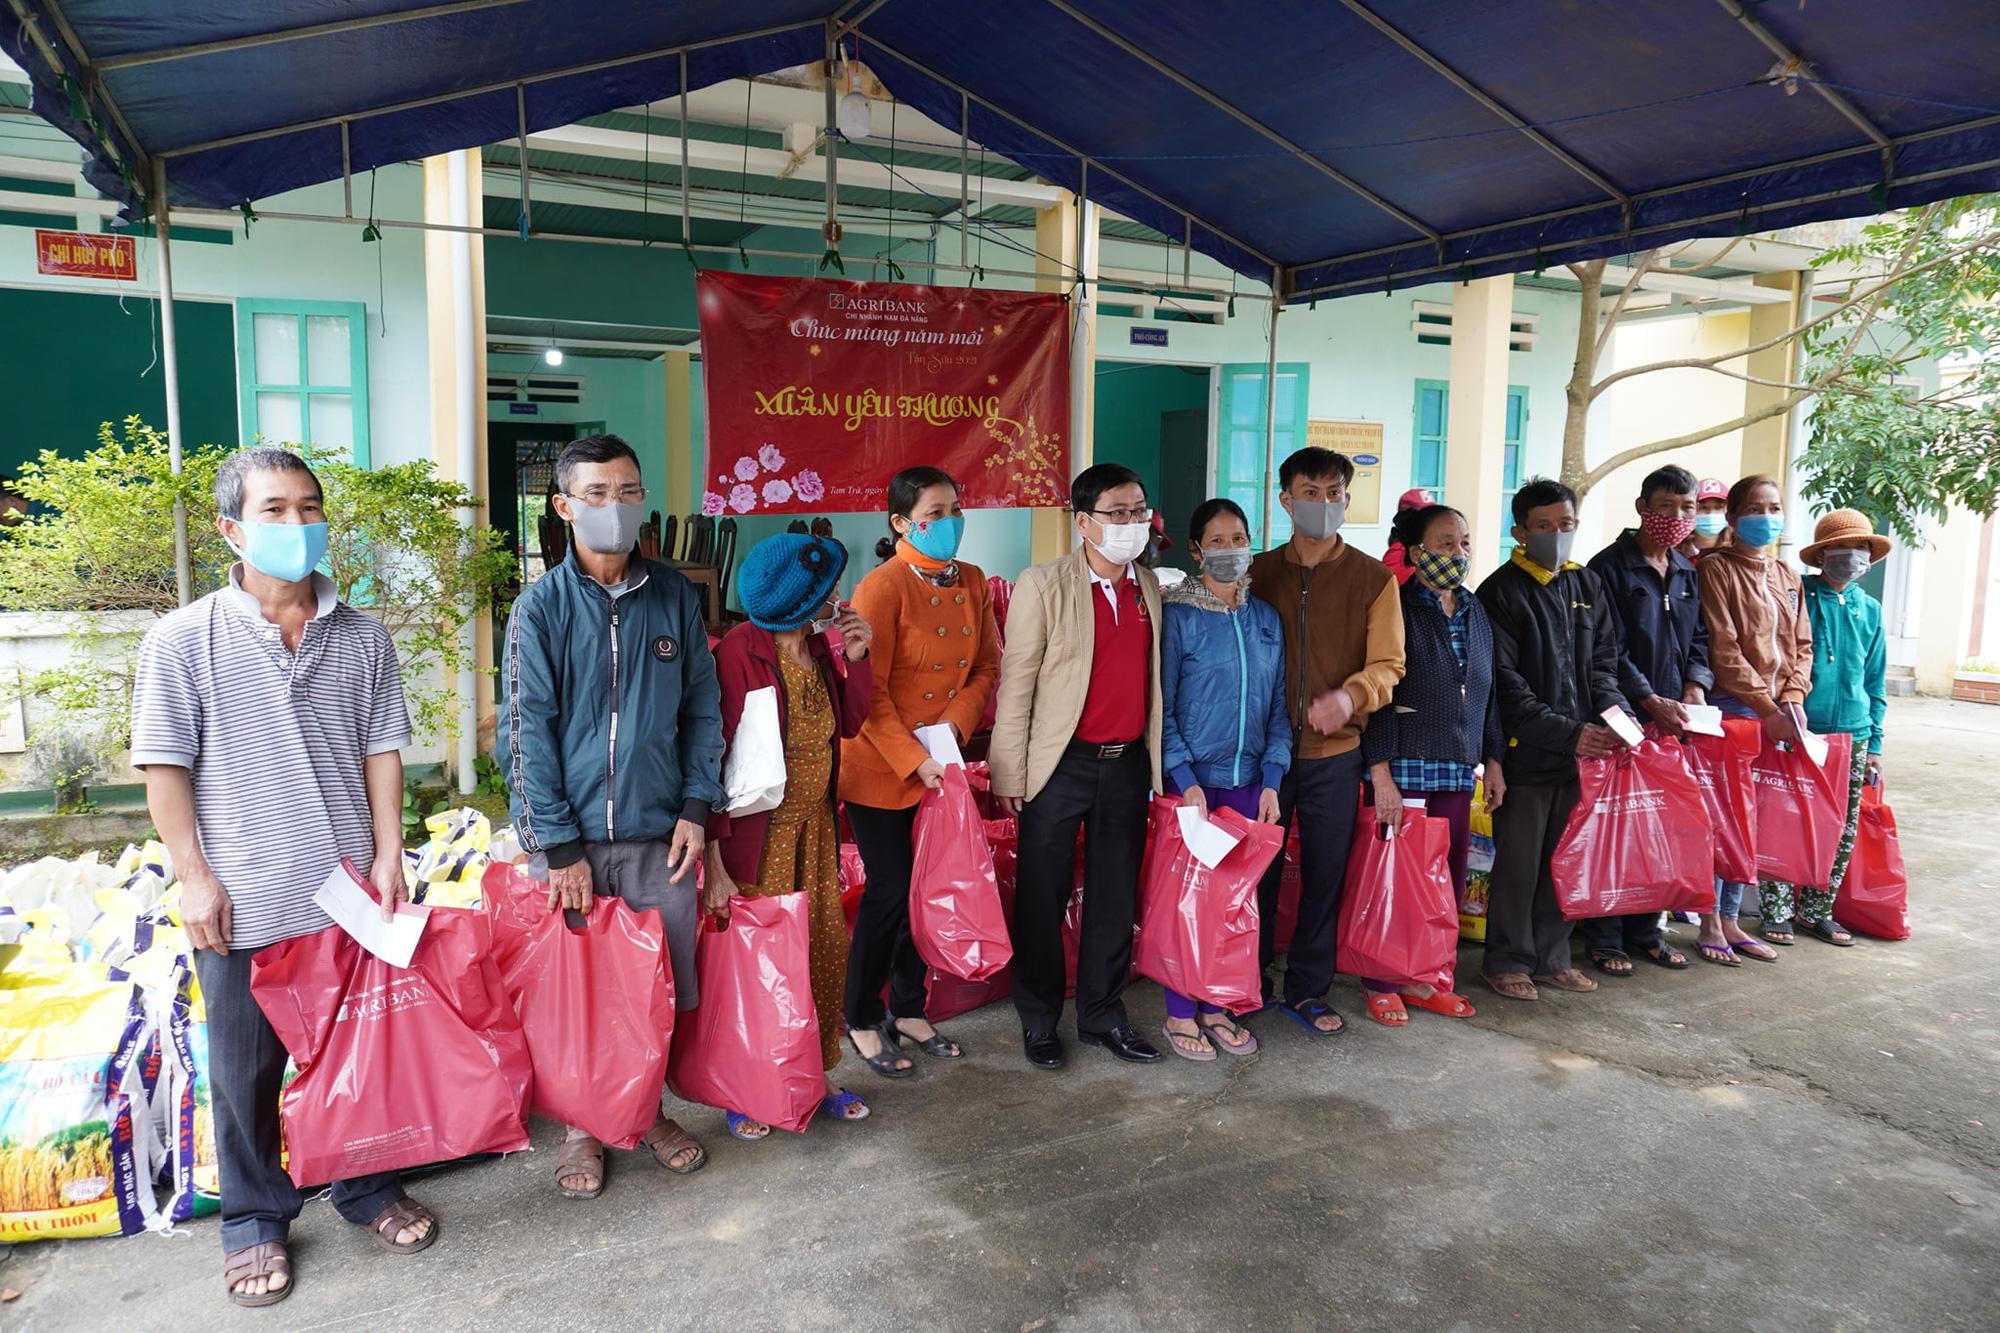 Agribank Chi nhánh Nam Đà Nẵng: Những con số ấn tượng của chi nhánh mới thành lập - Ảnh 8.